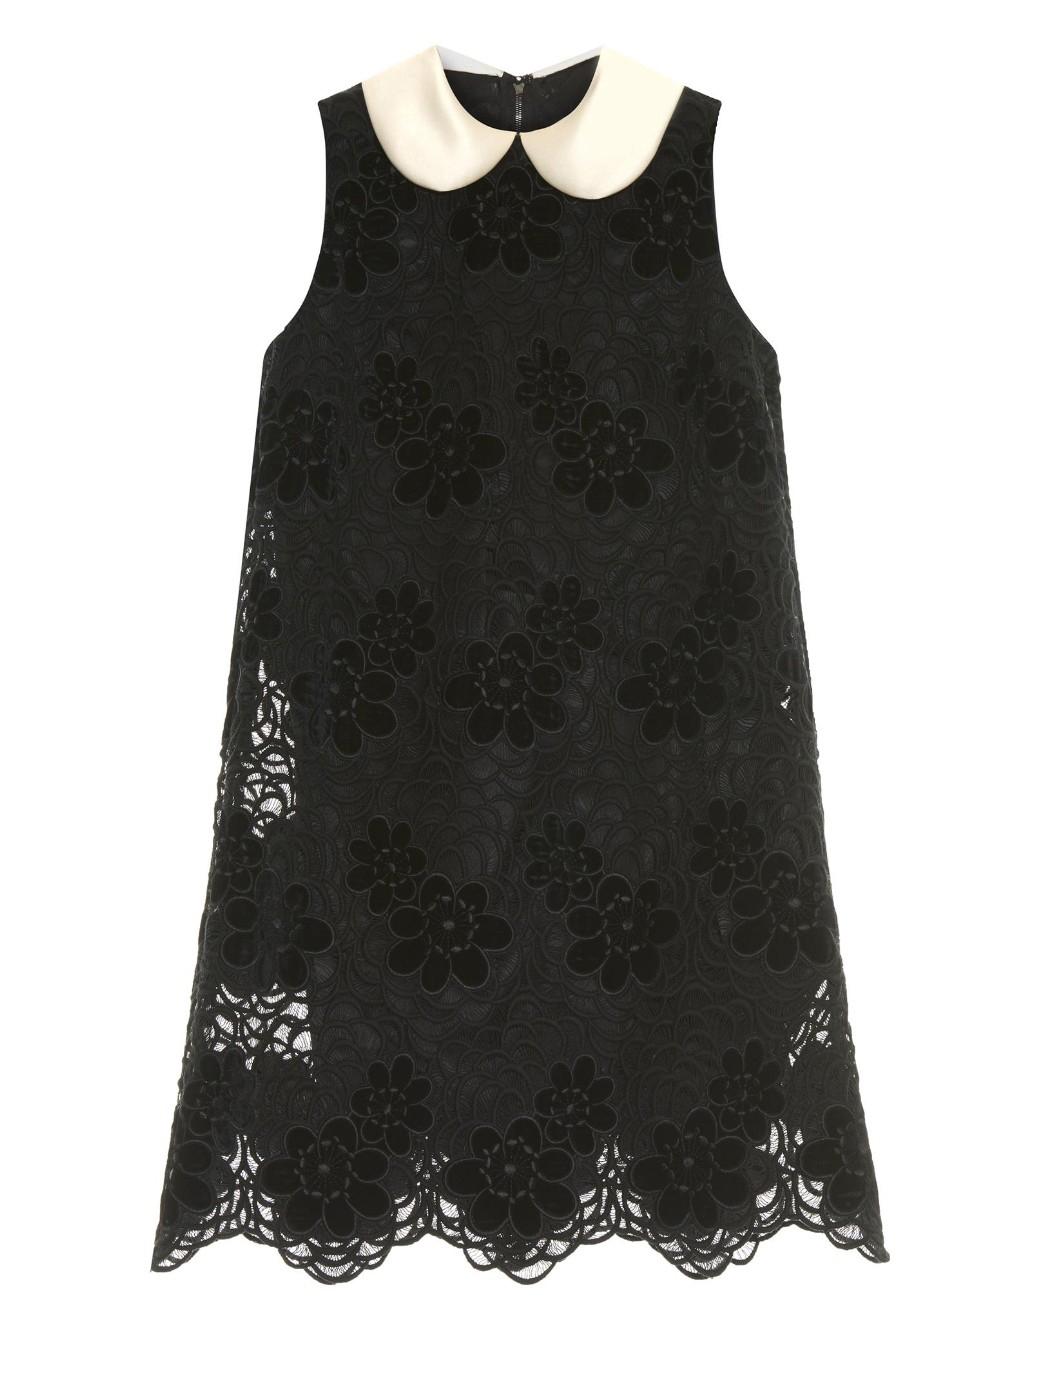 Satin collar lace dress, £2,300, Dolce & Gabbana. www.matchesfashion.com